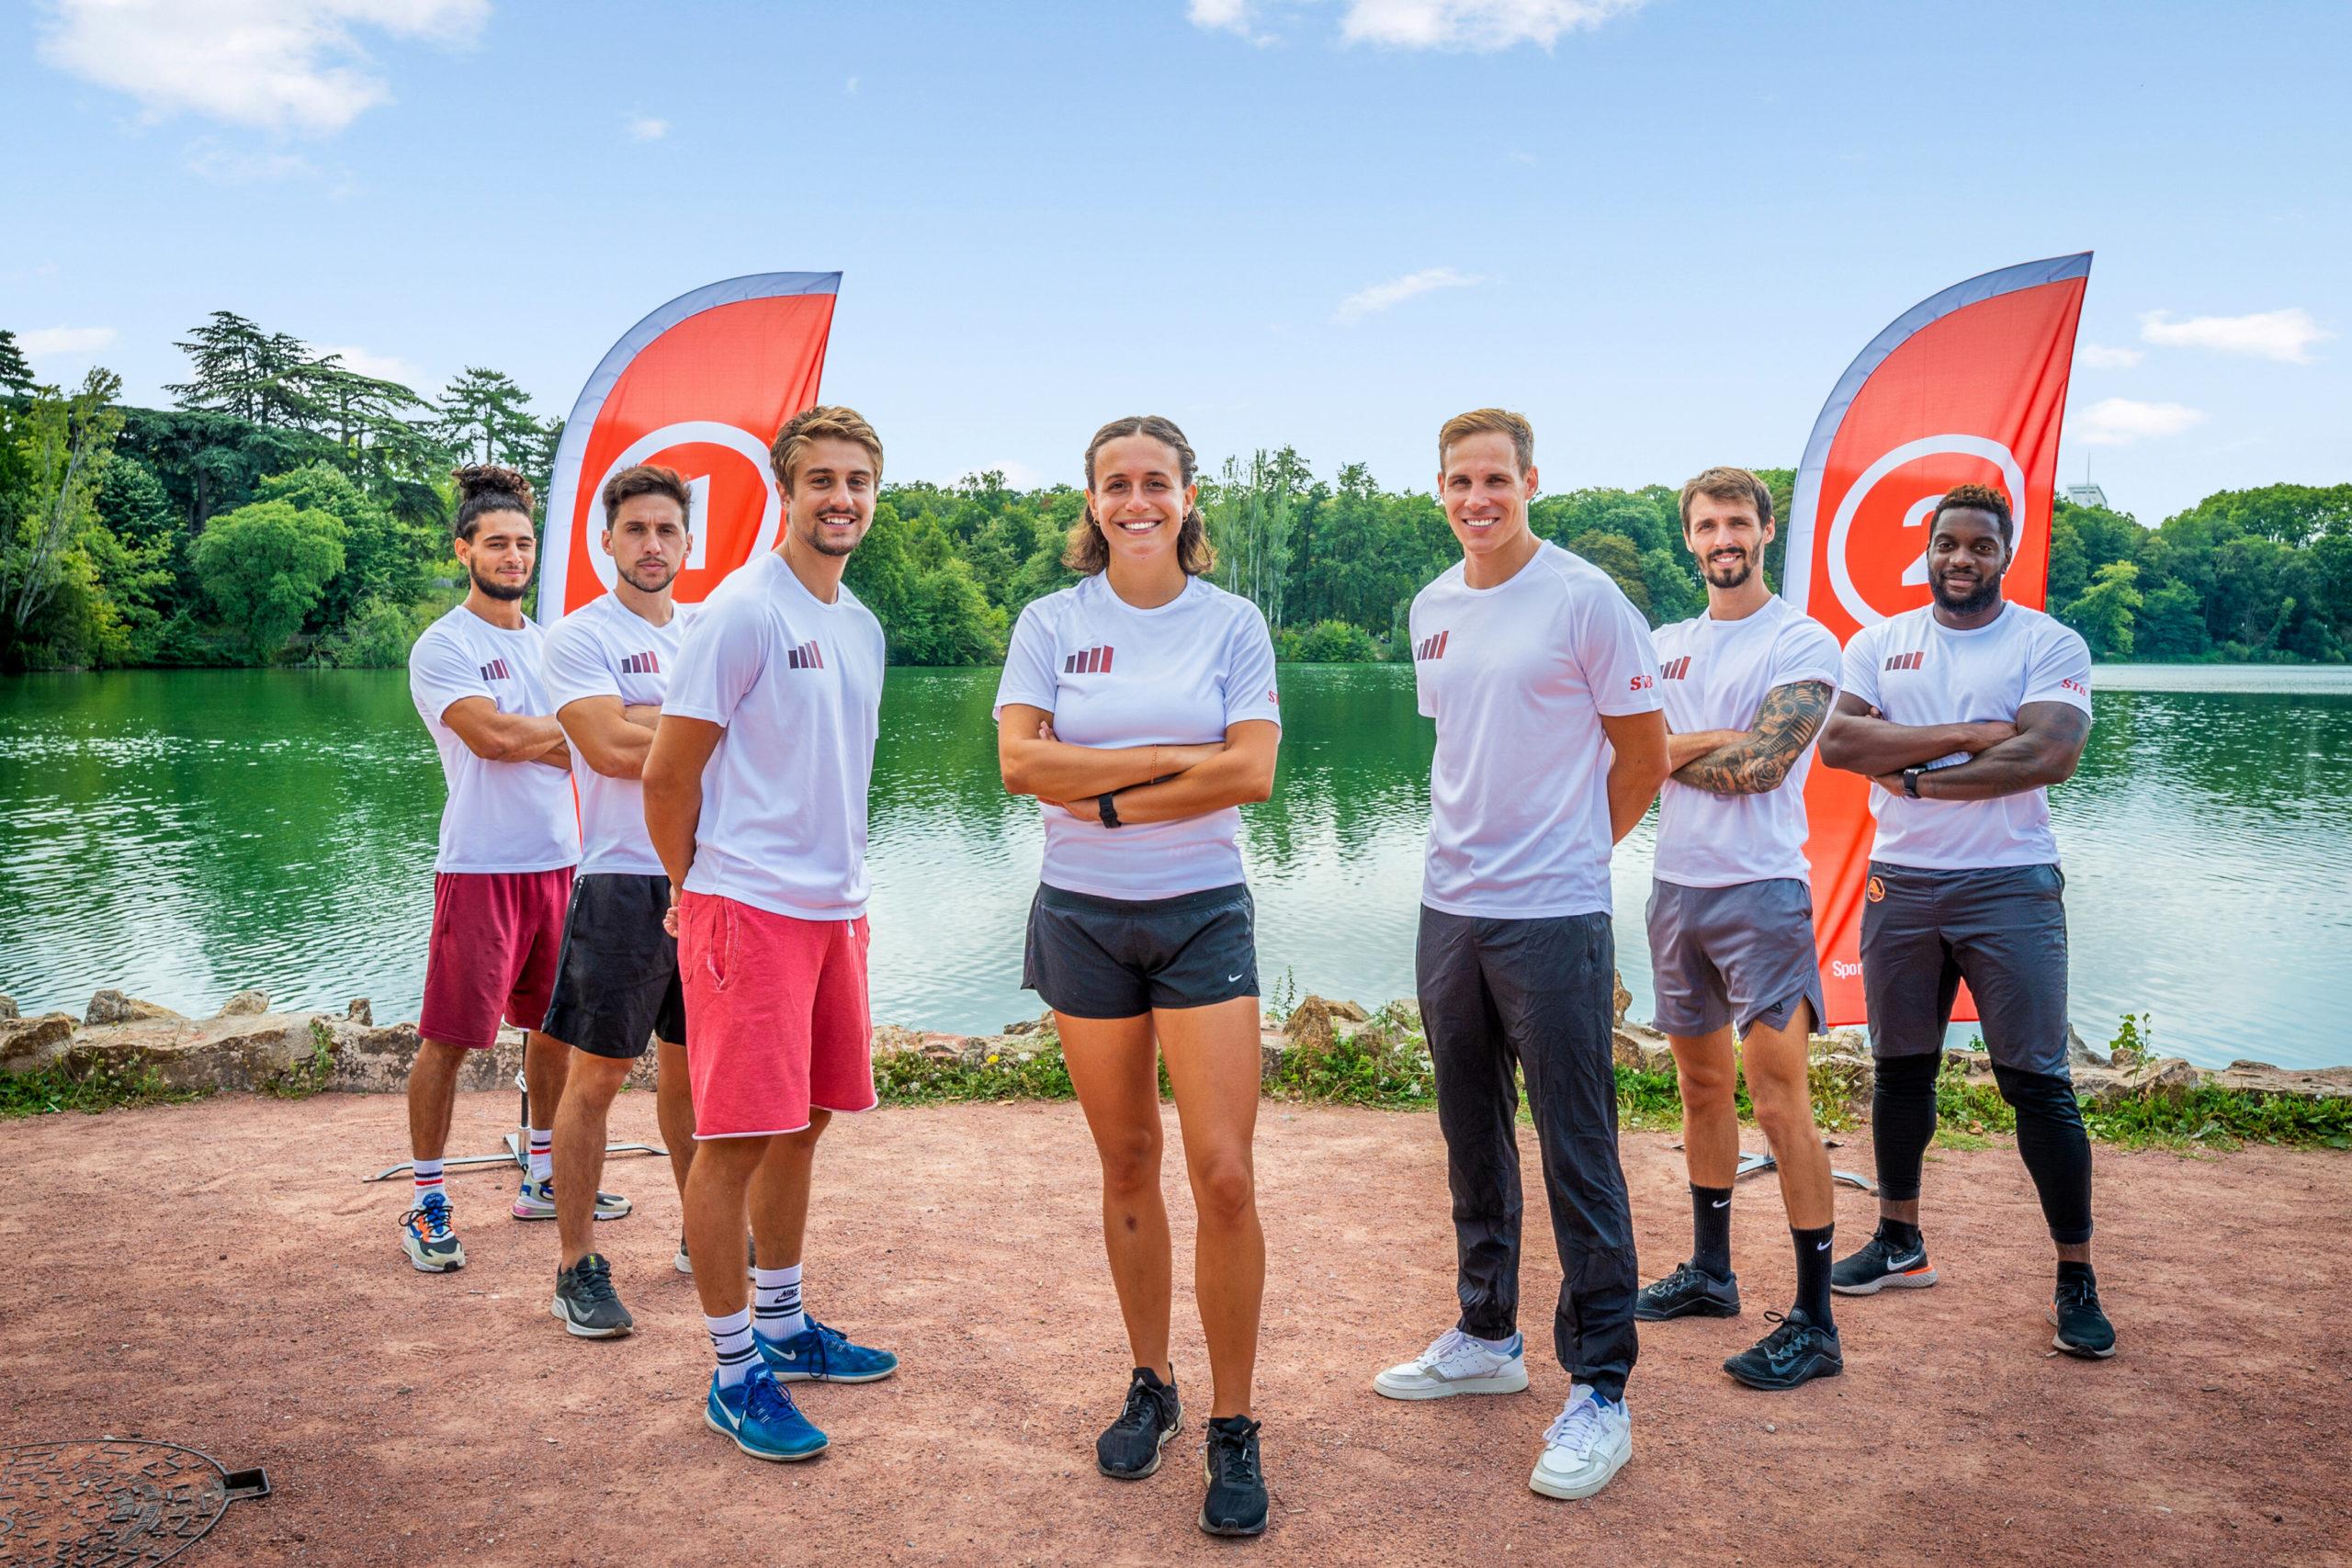 les séminaires sportif de l'équipe sport team building